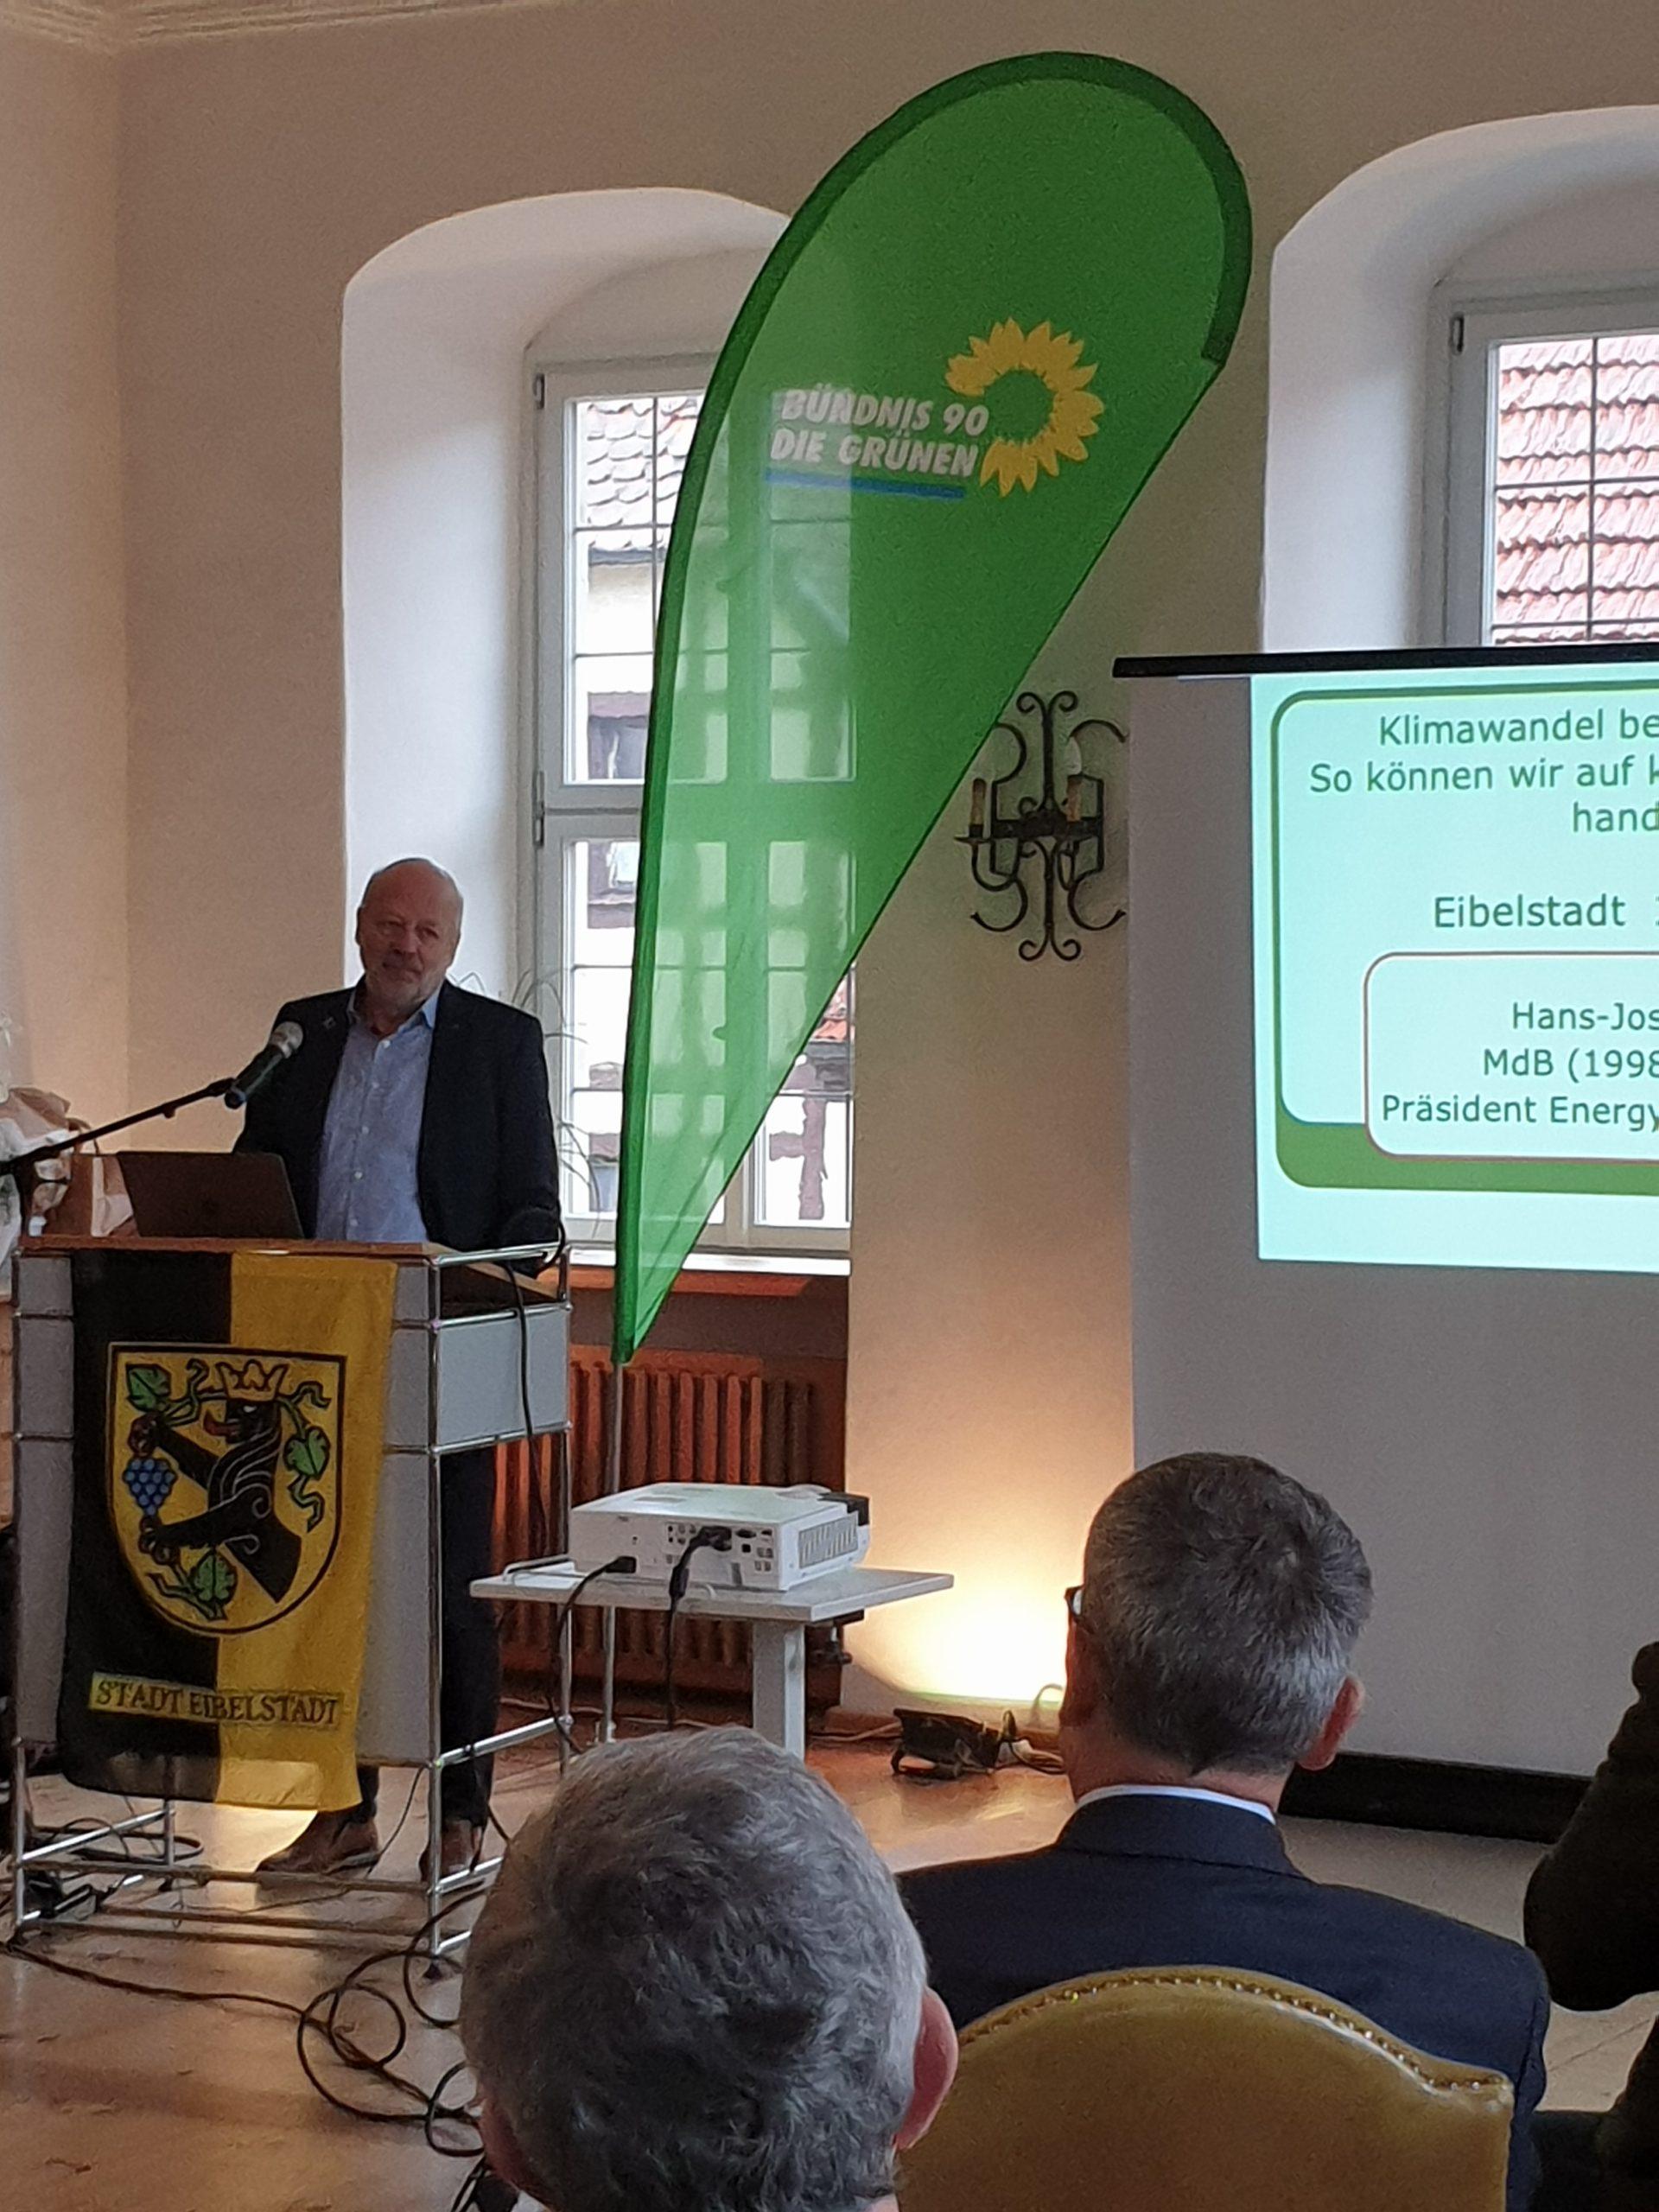 Grüne: Eibelstadt soll klimafreundlich sein